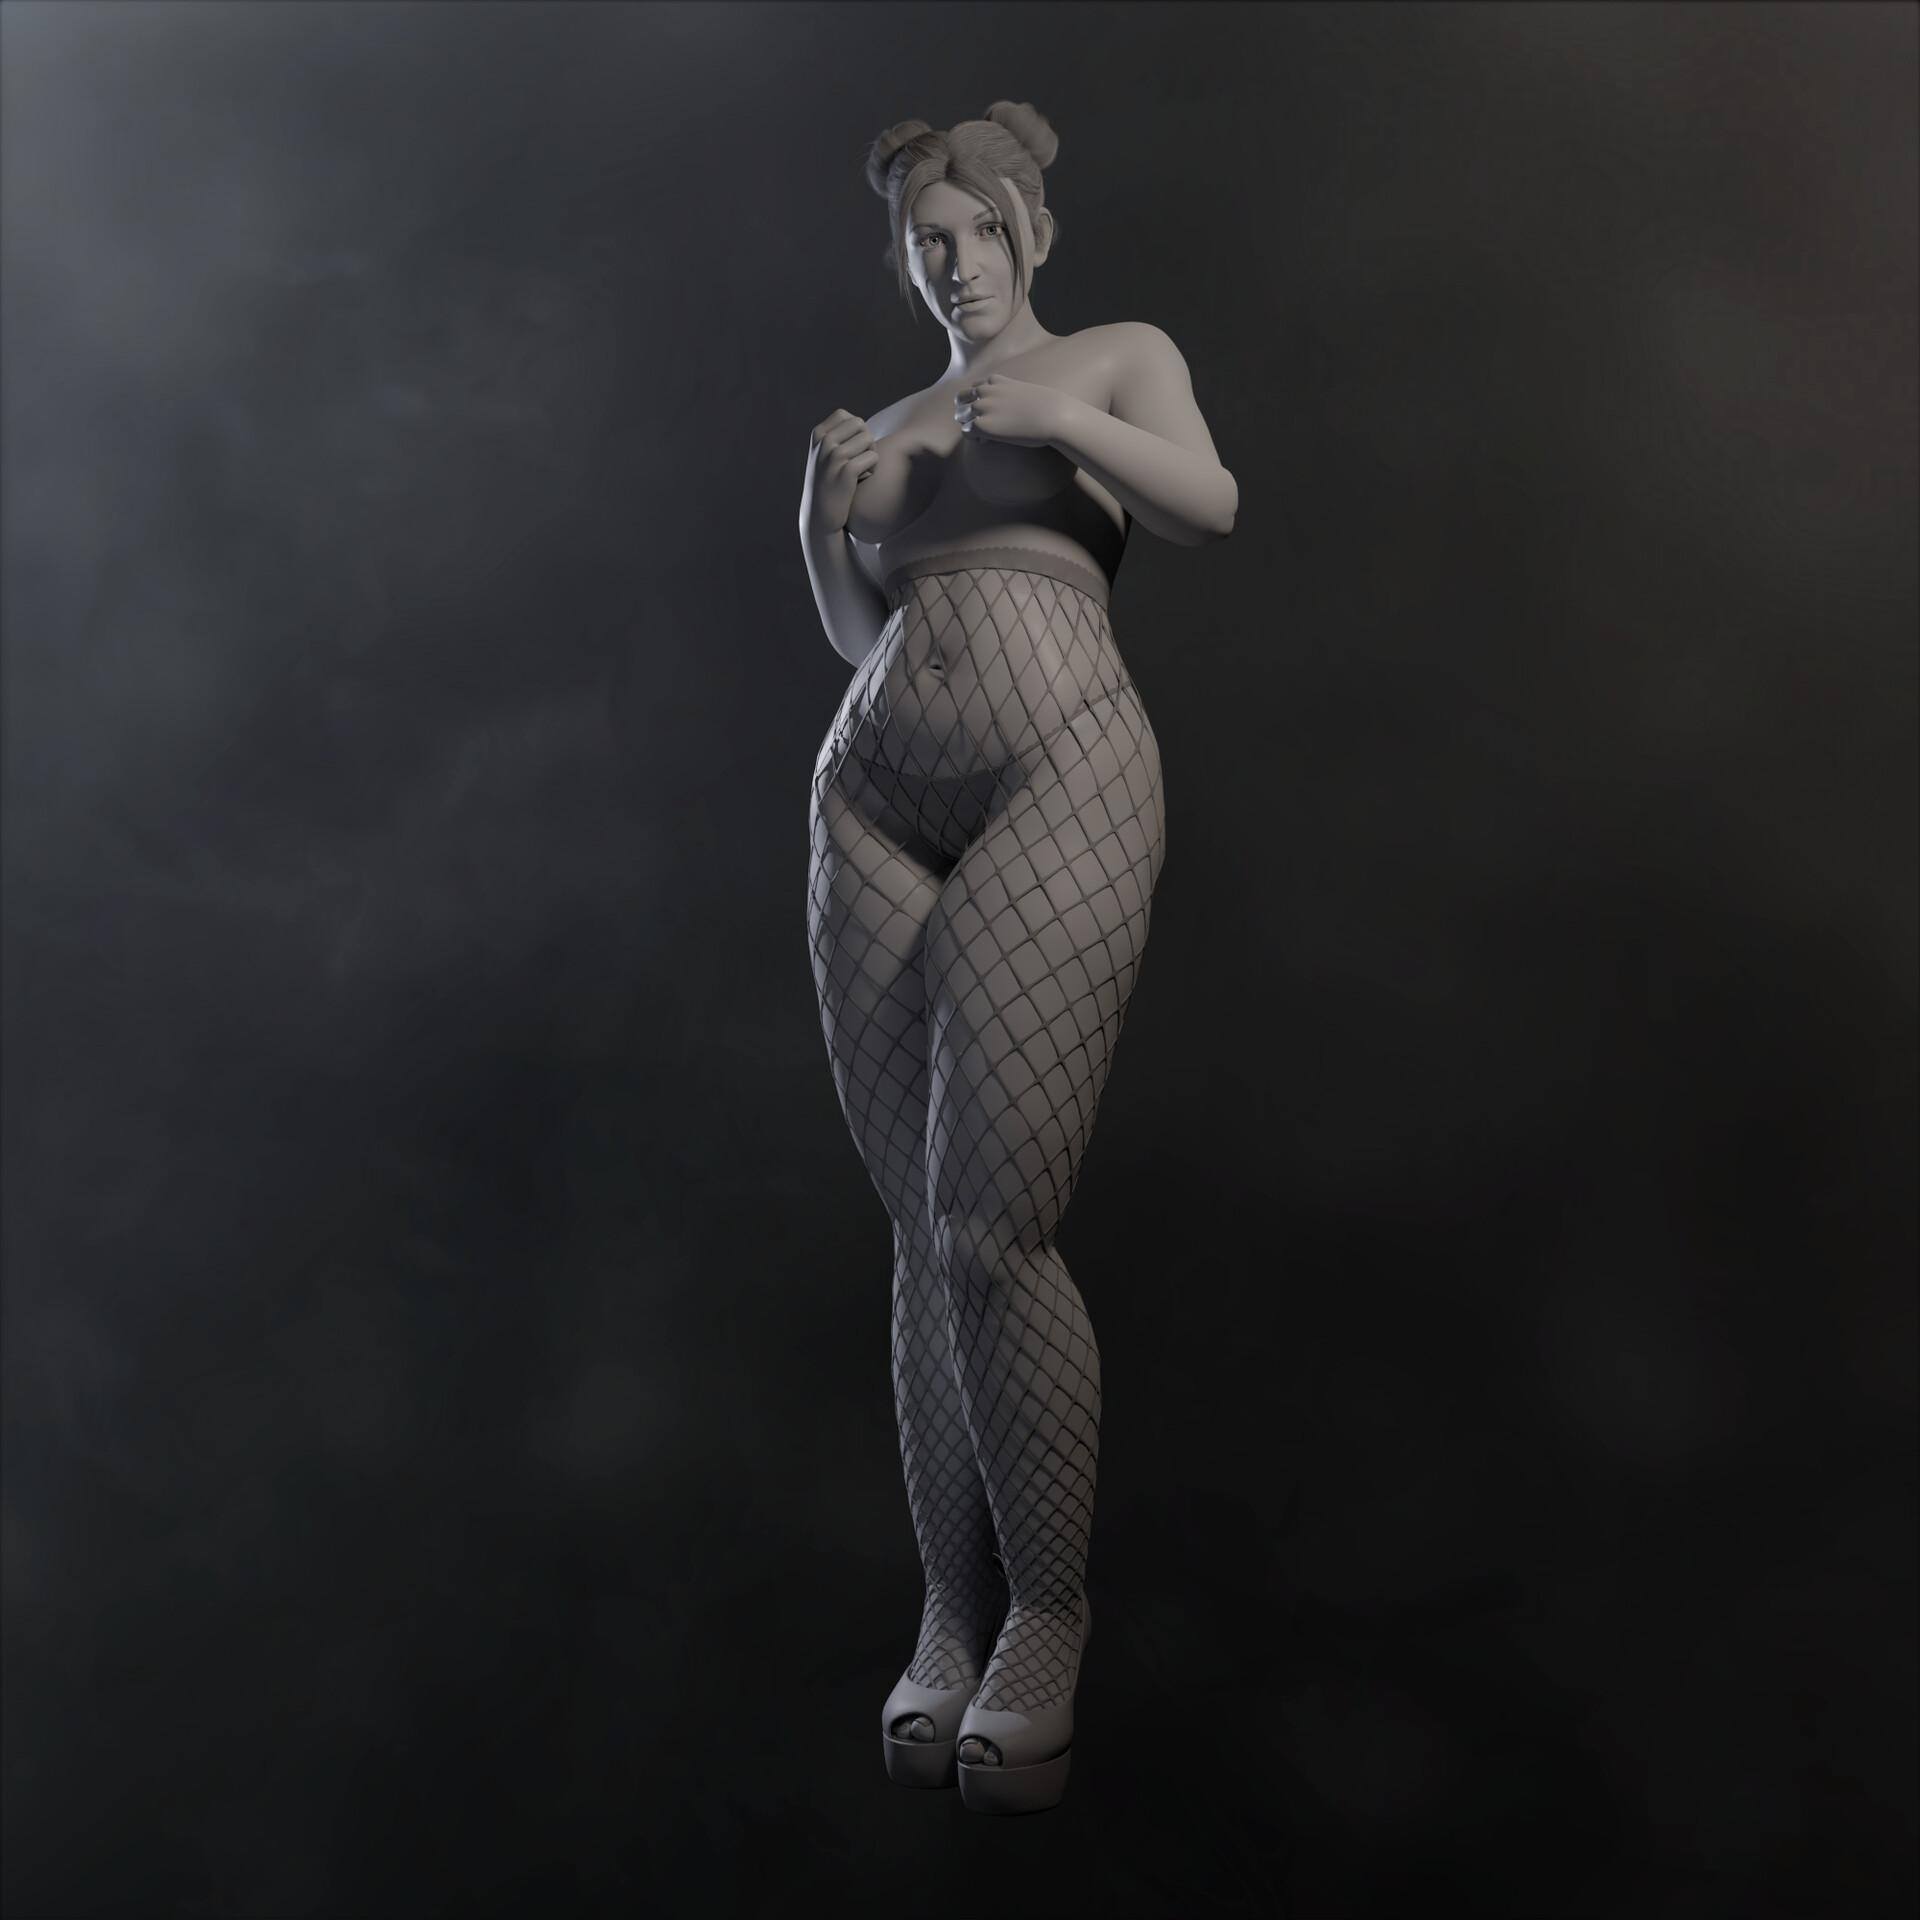 Sergi camprubi clay render 01